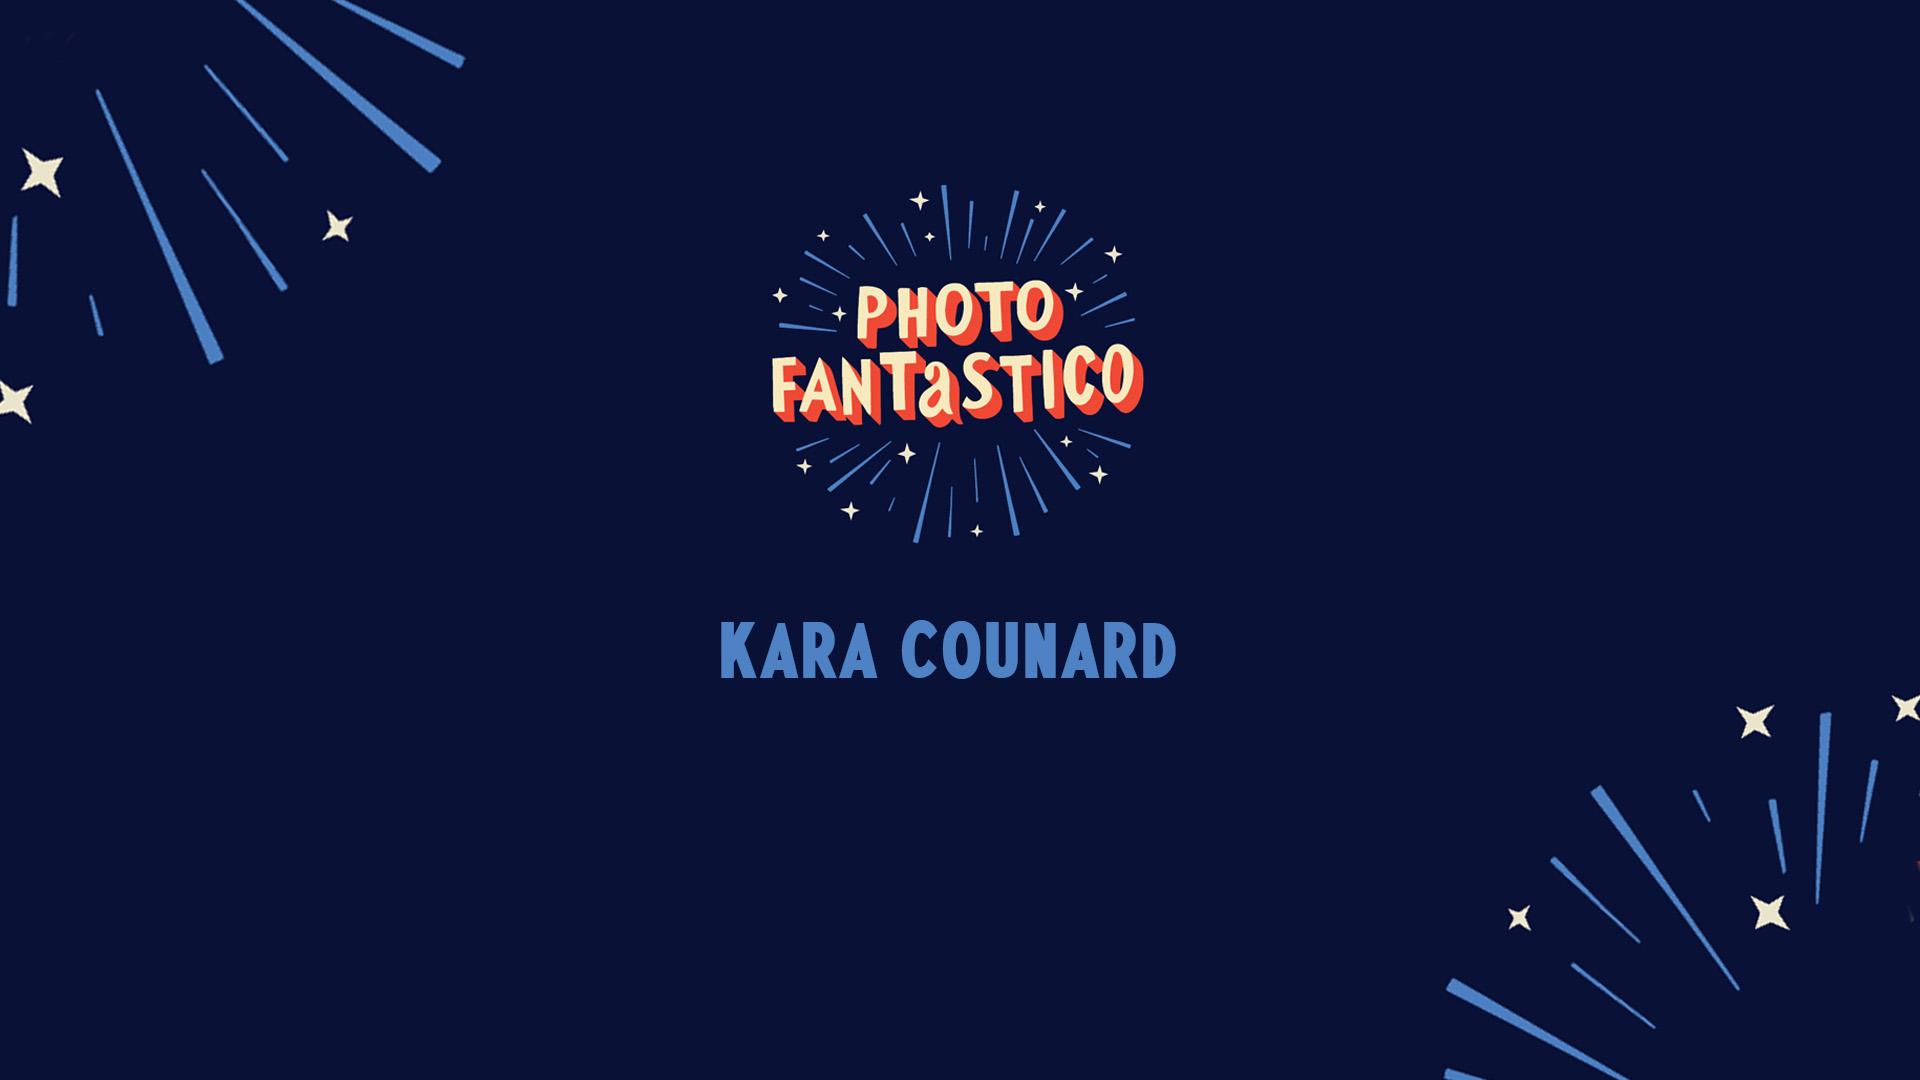 Kara Counard